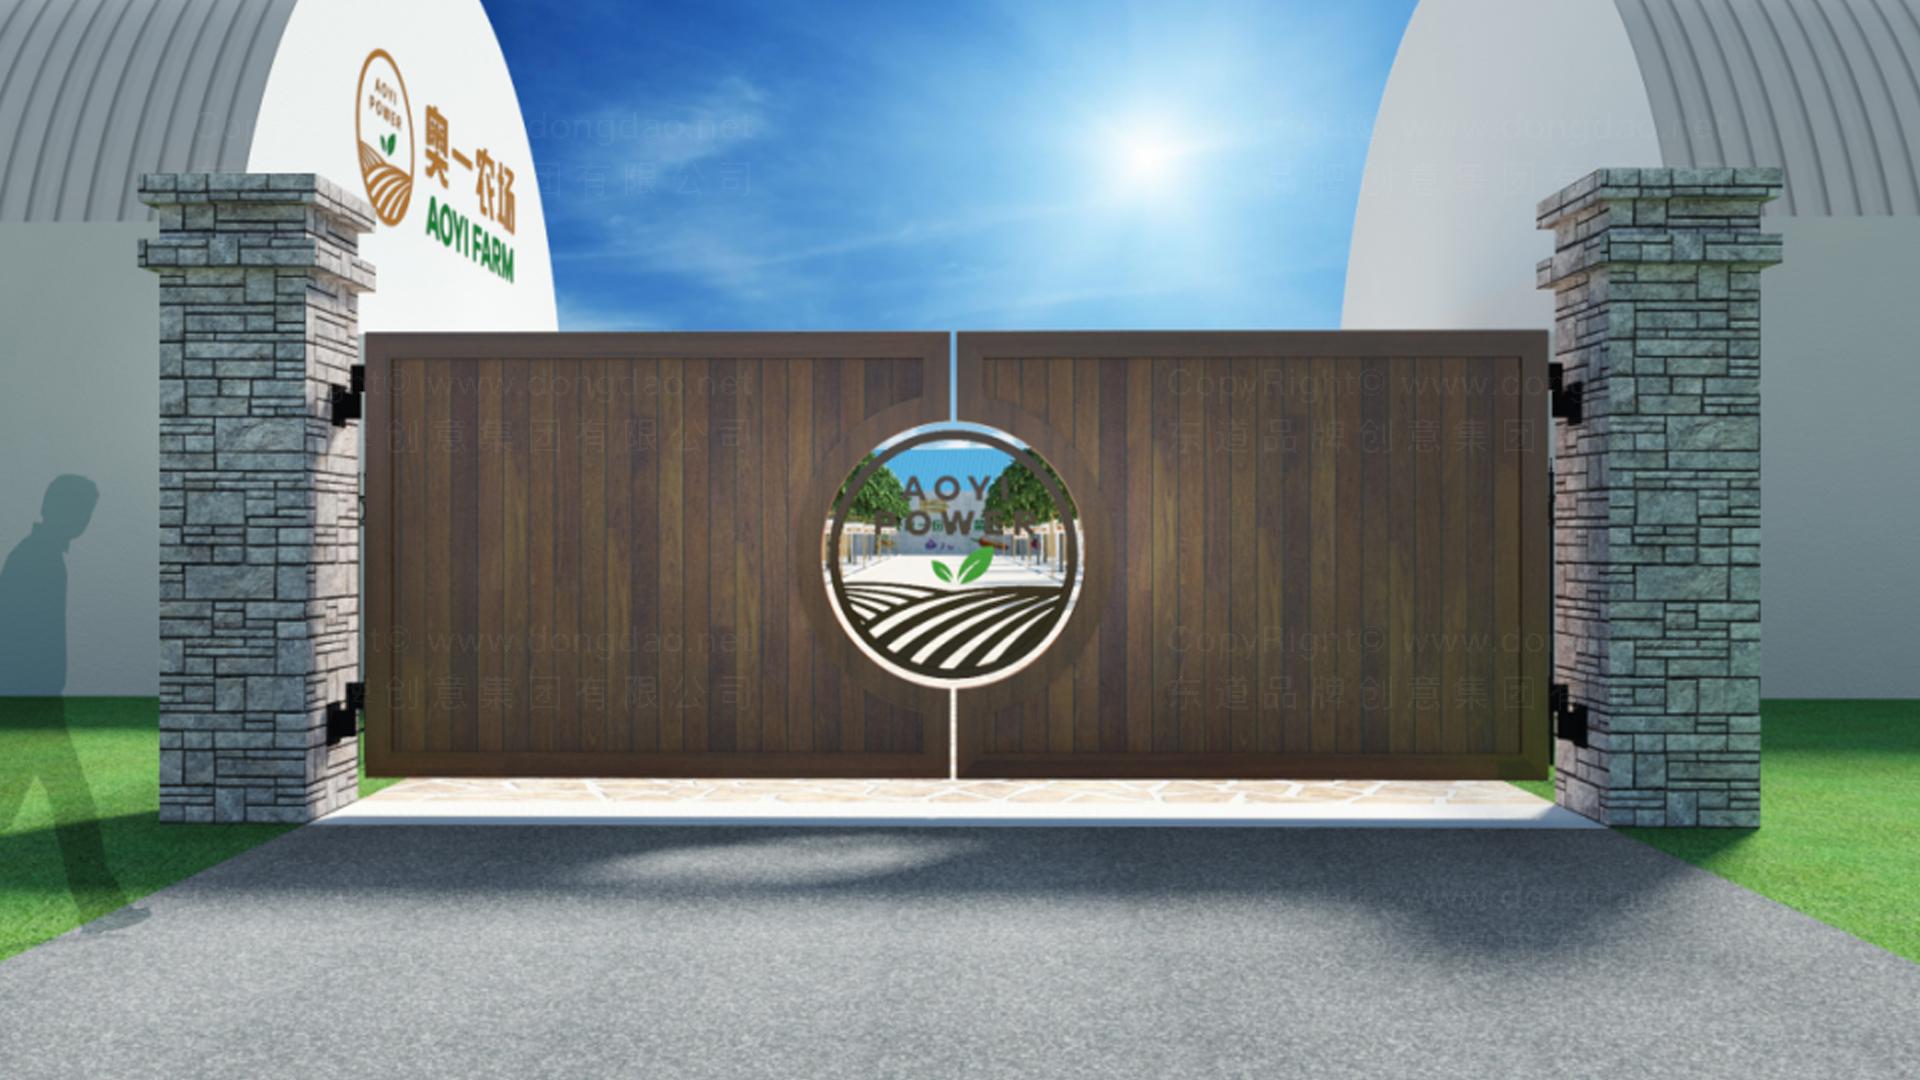 其他商业空间&导示奥一农场农场SI设计